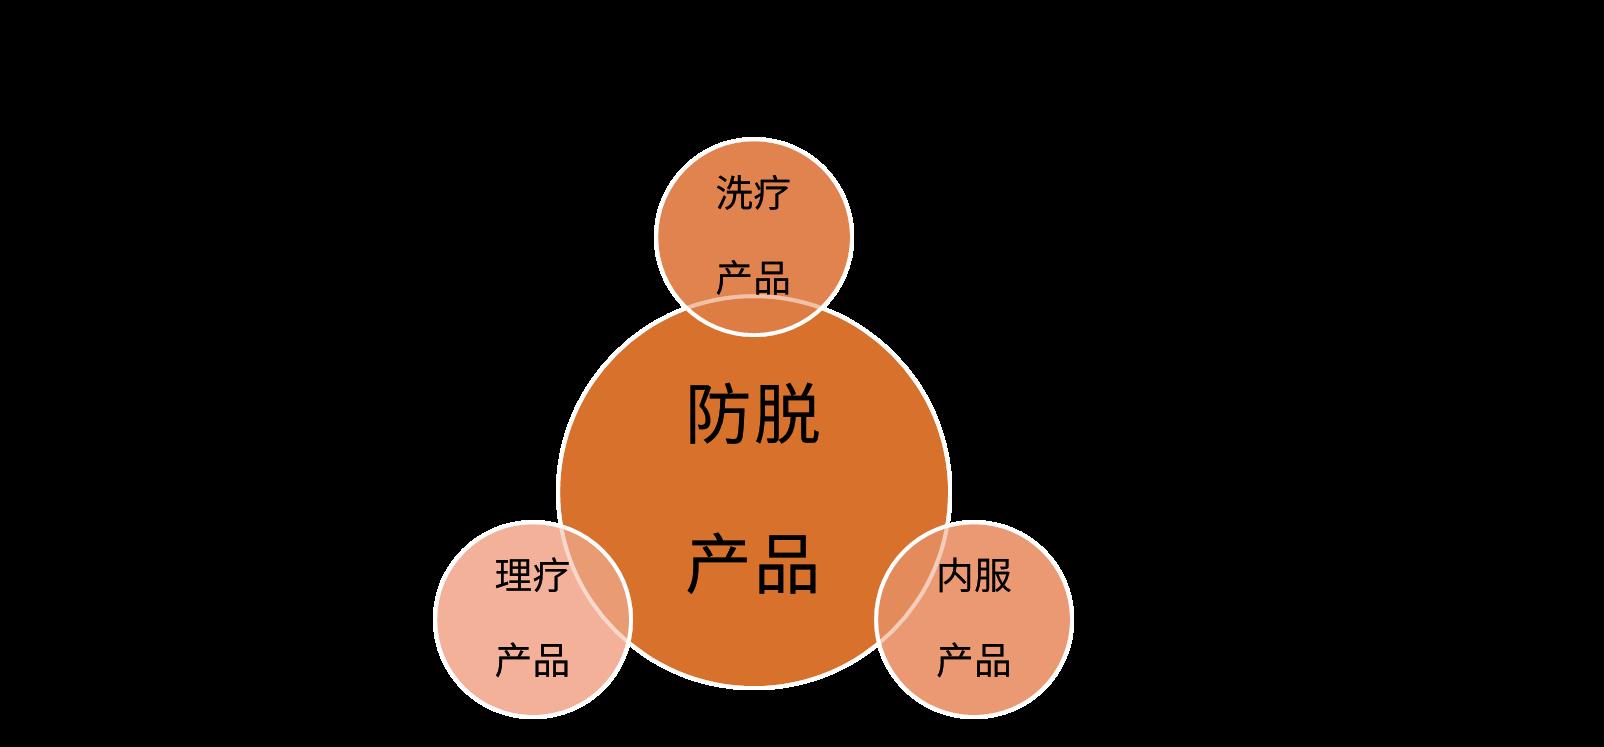 2019年中国防脱保健产业市场调查及前景预判